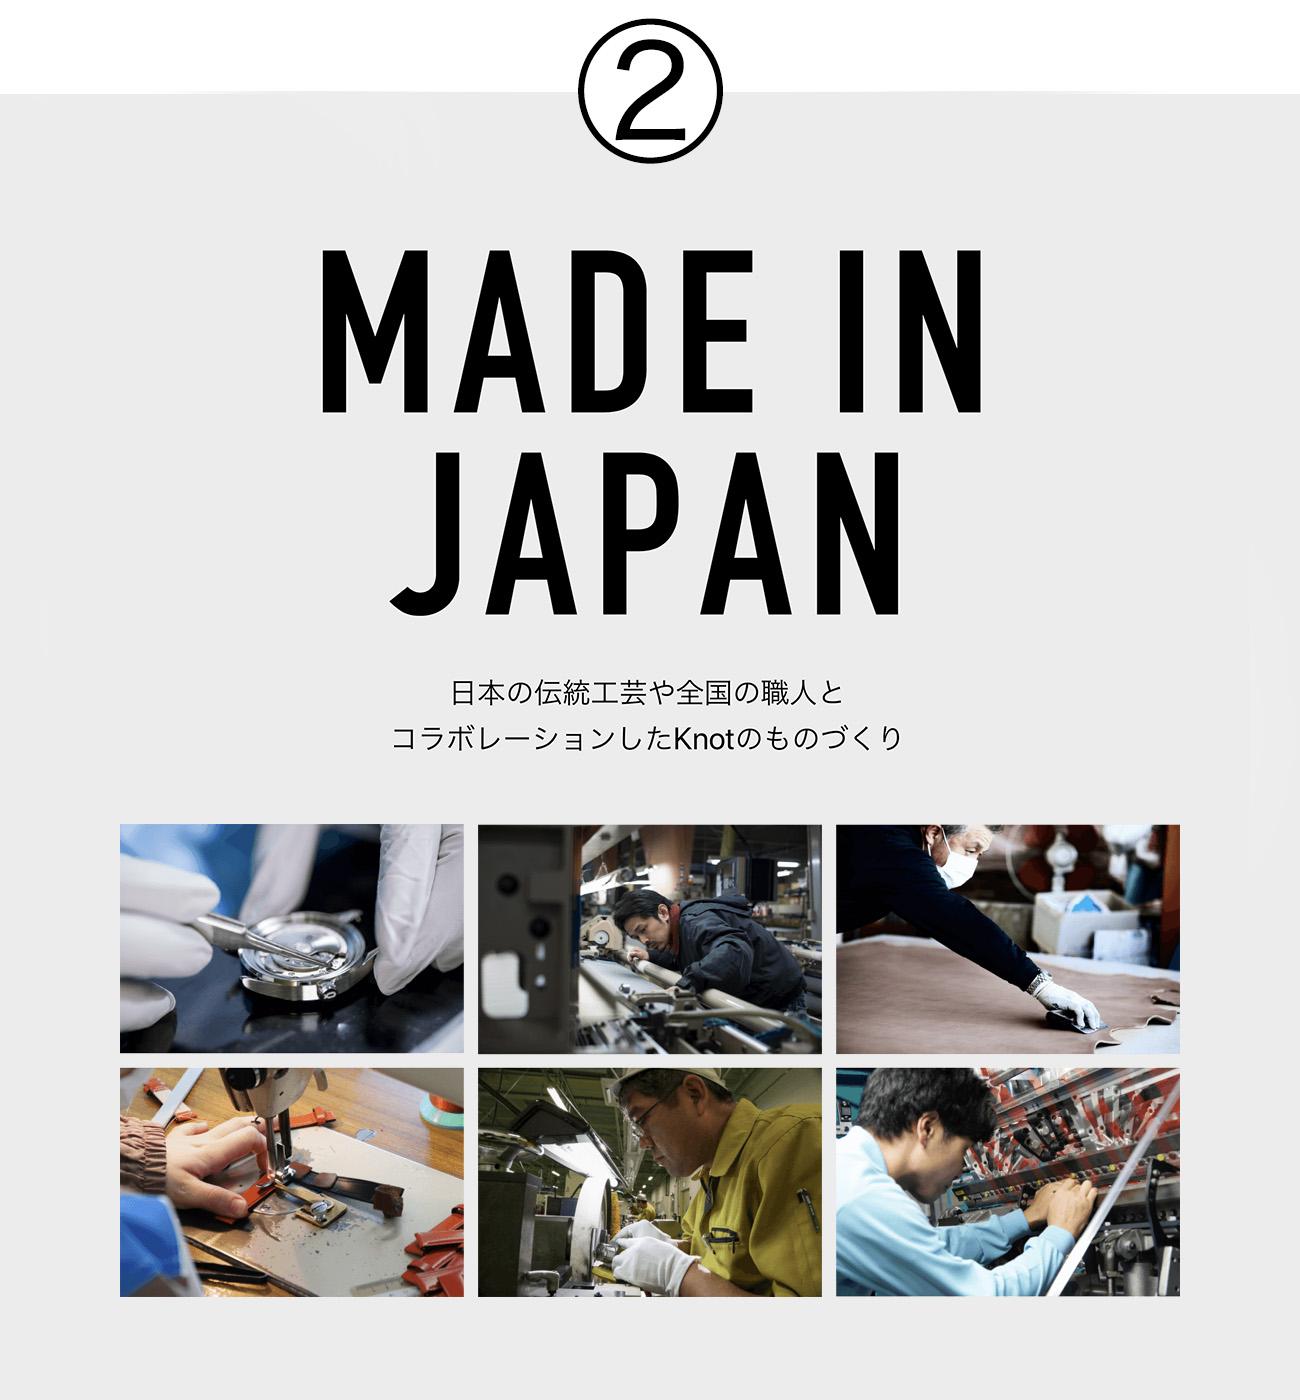 メイドインジャパン・日本の伝統工芸や全国の職人とコラボレーションしたKnotのものづくり